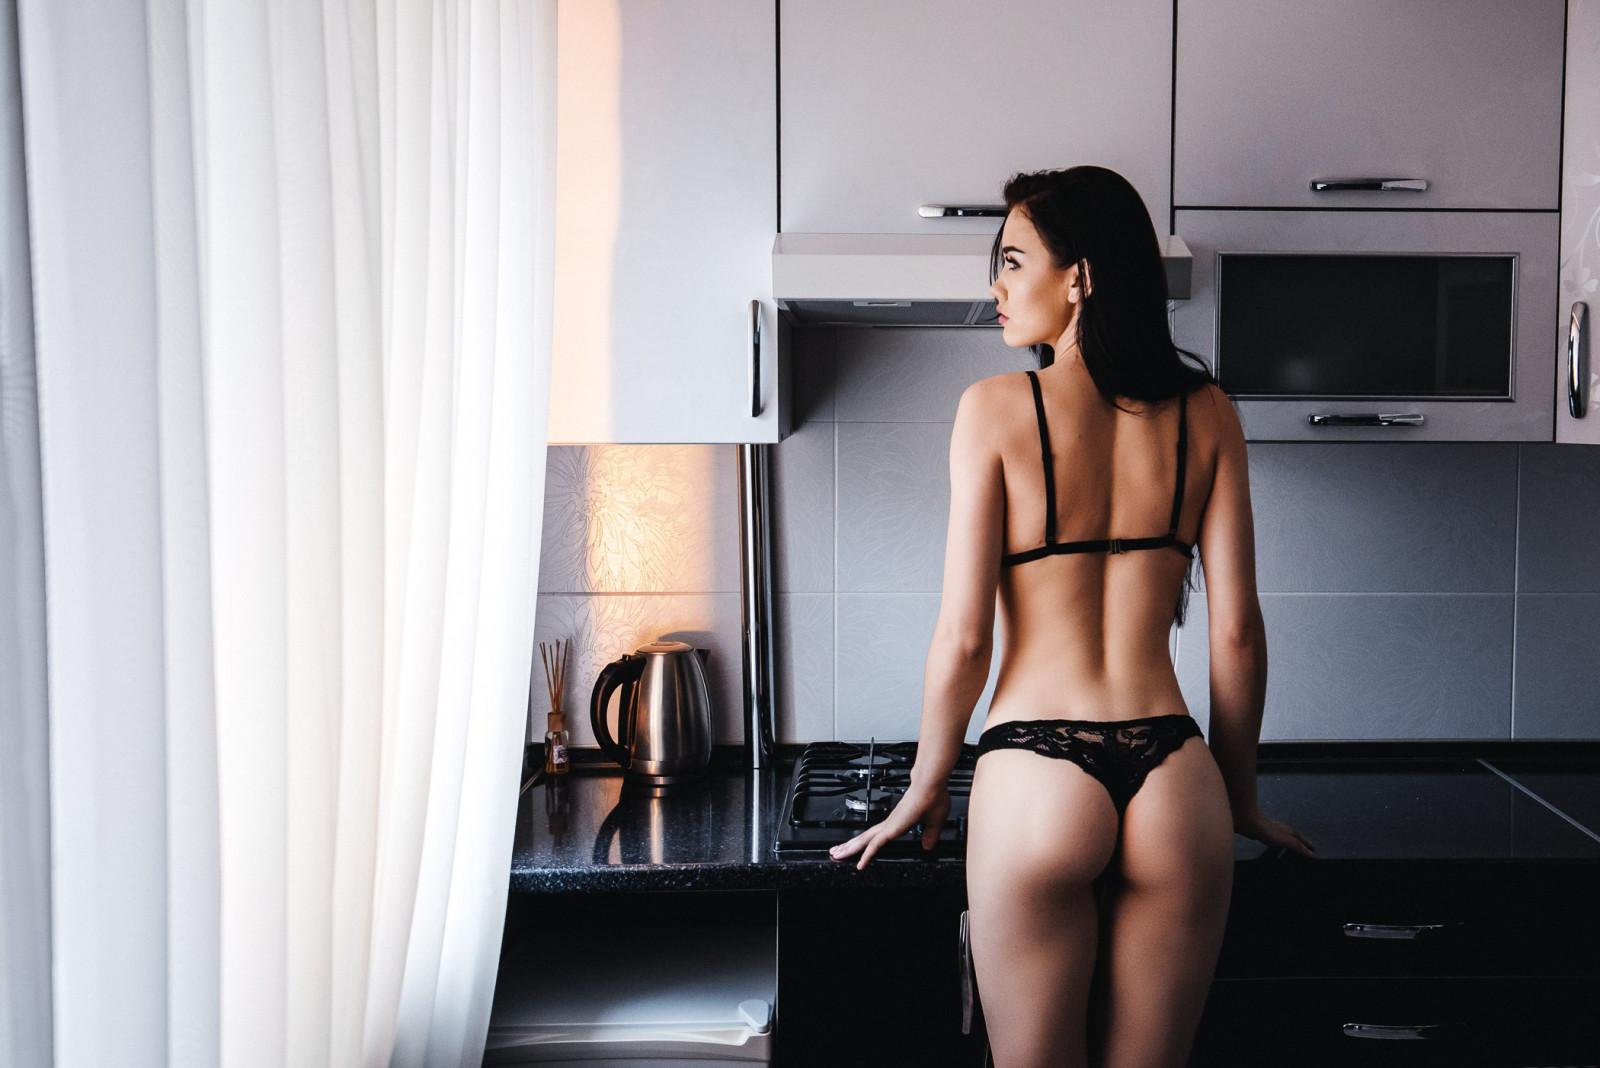 Разделась на кухни фото, Восхитительная девушка на кухне 4 фотография